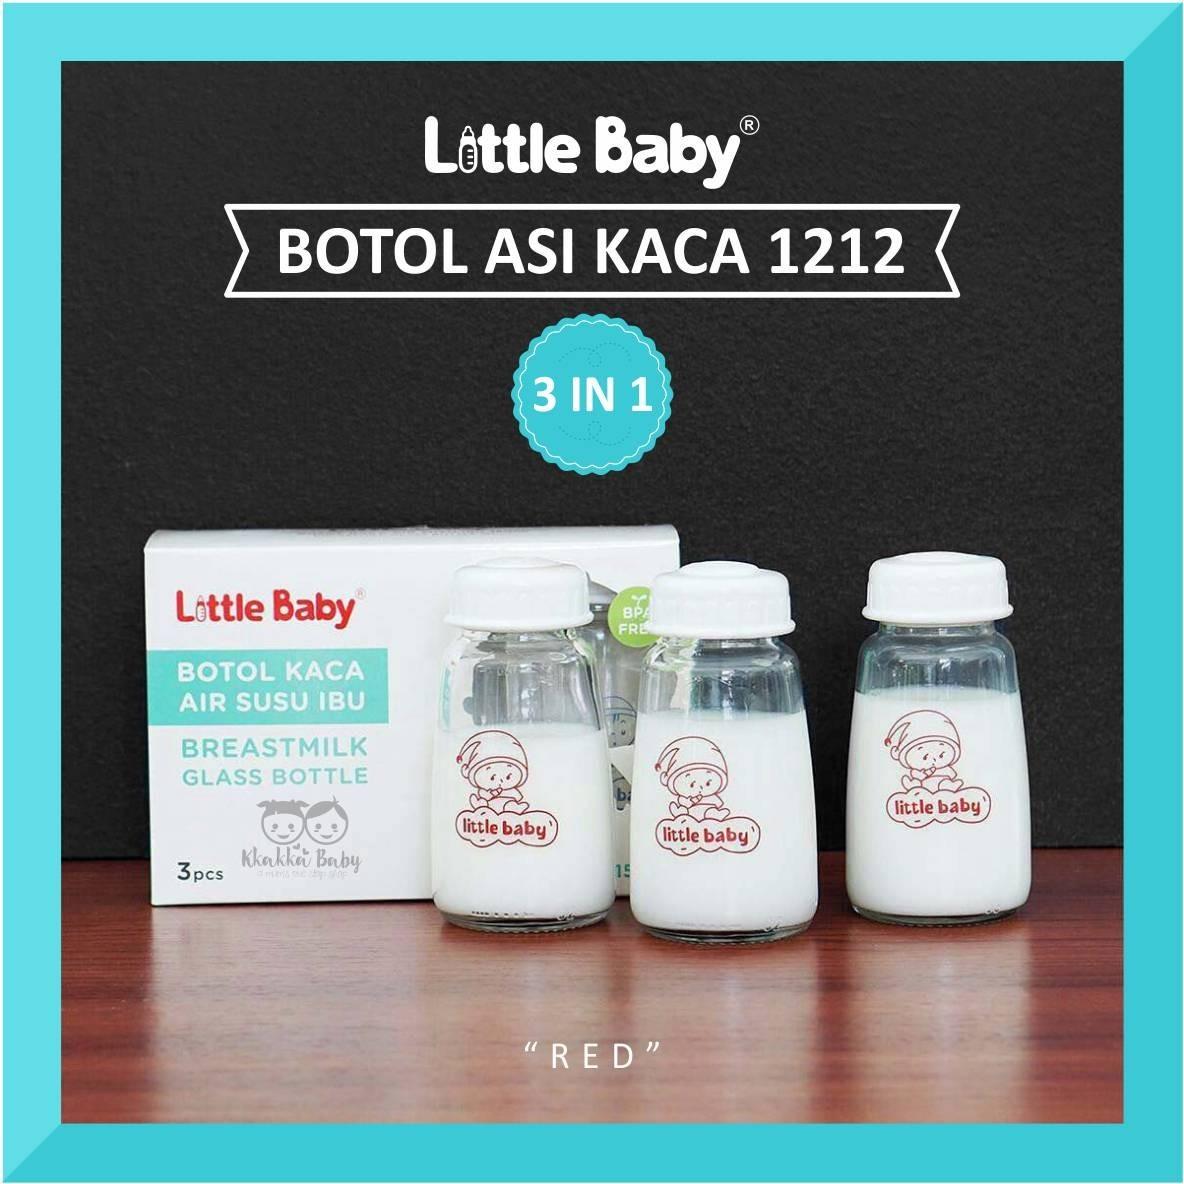 Little Baby Botol Asi Kaca 1212 Kkakkakids Kkakka Bebe Dot Bayi Blister Isi 3 Pcs Size M Kkakkababy